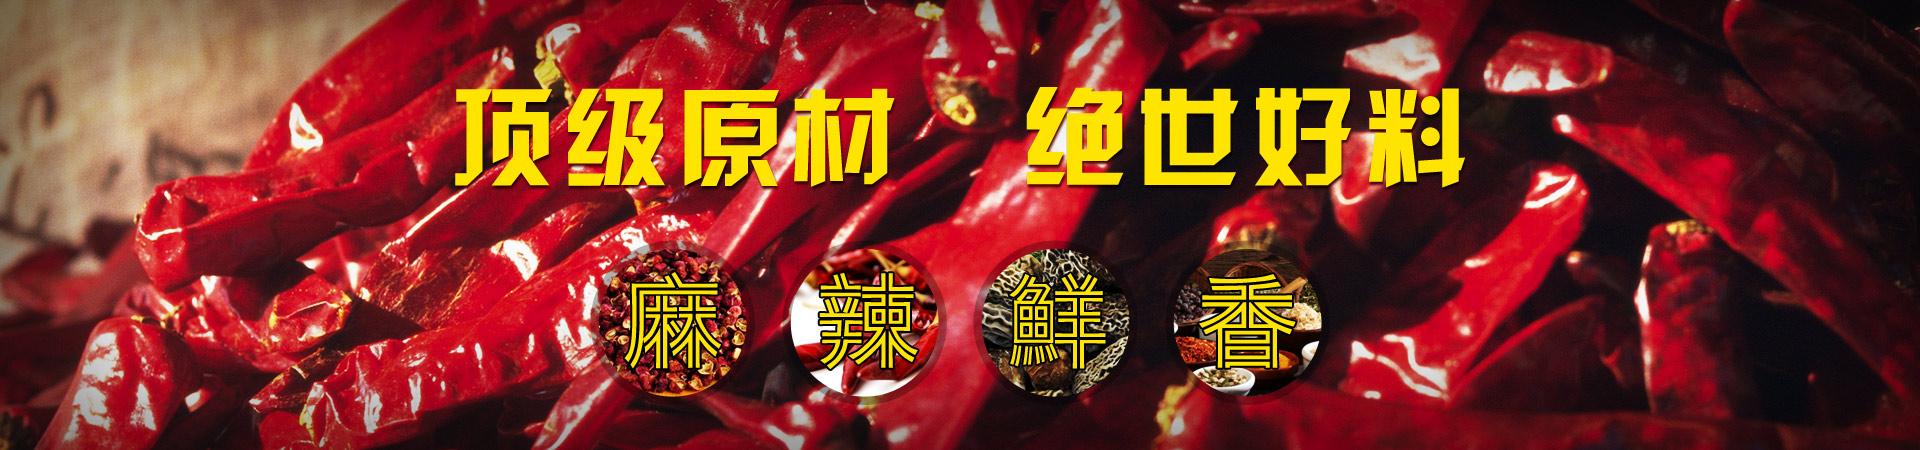 重庆火锅底料批发,重庆火锅底料代加工,重庆火锅底料厂家,重庆火锅底料加工厂